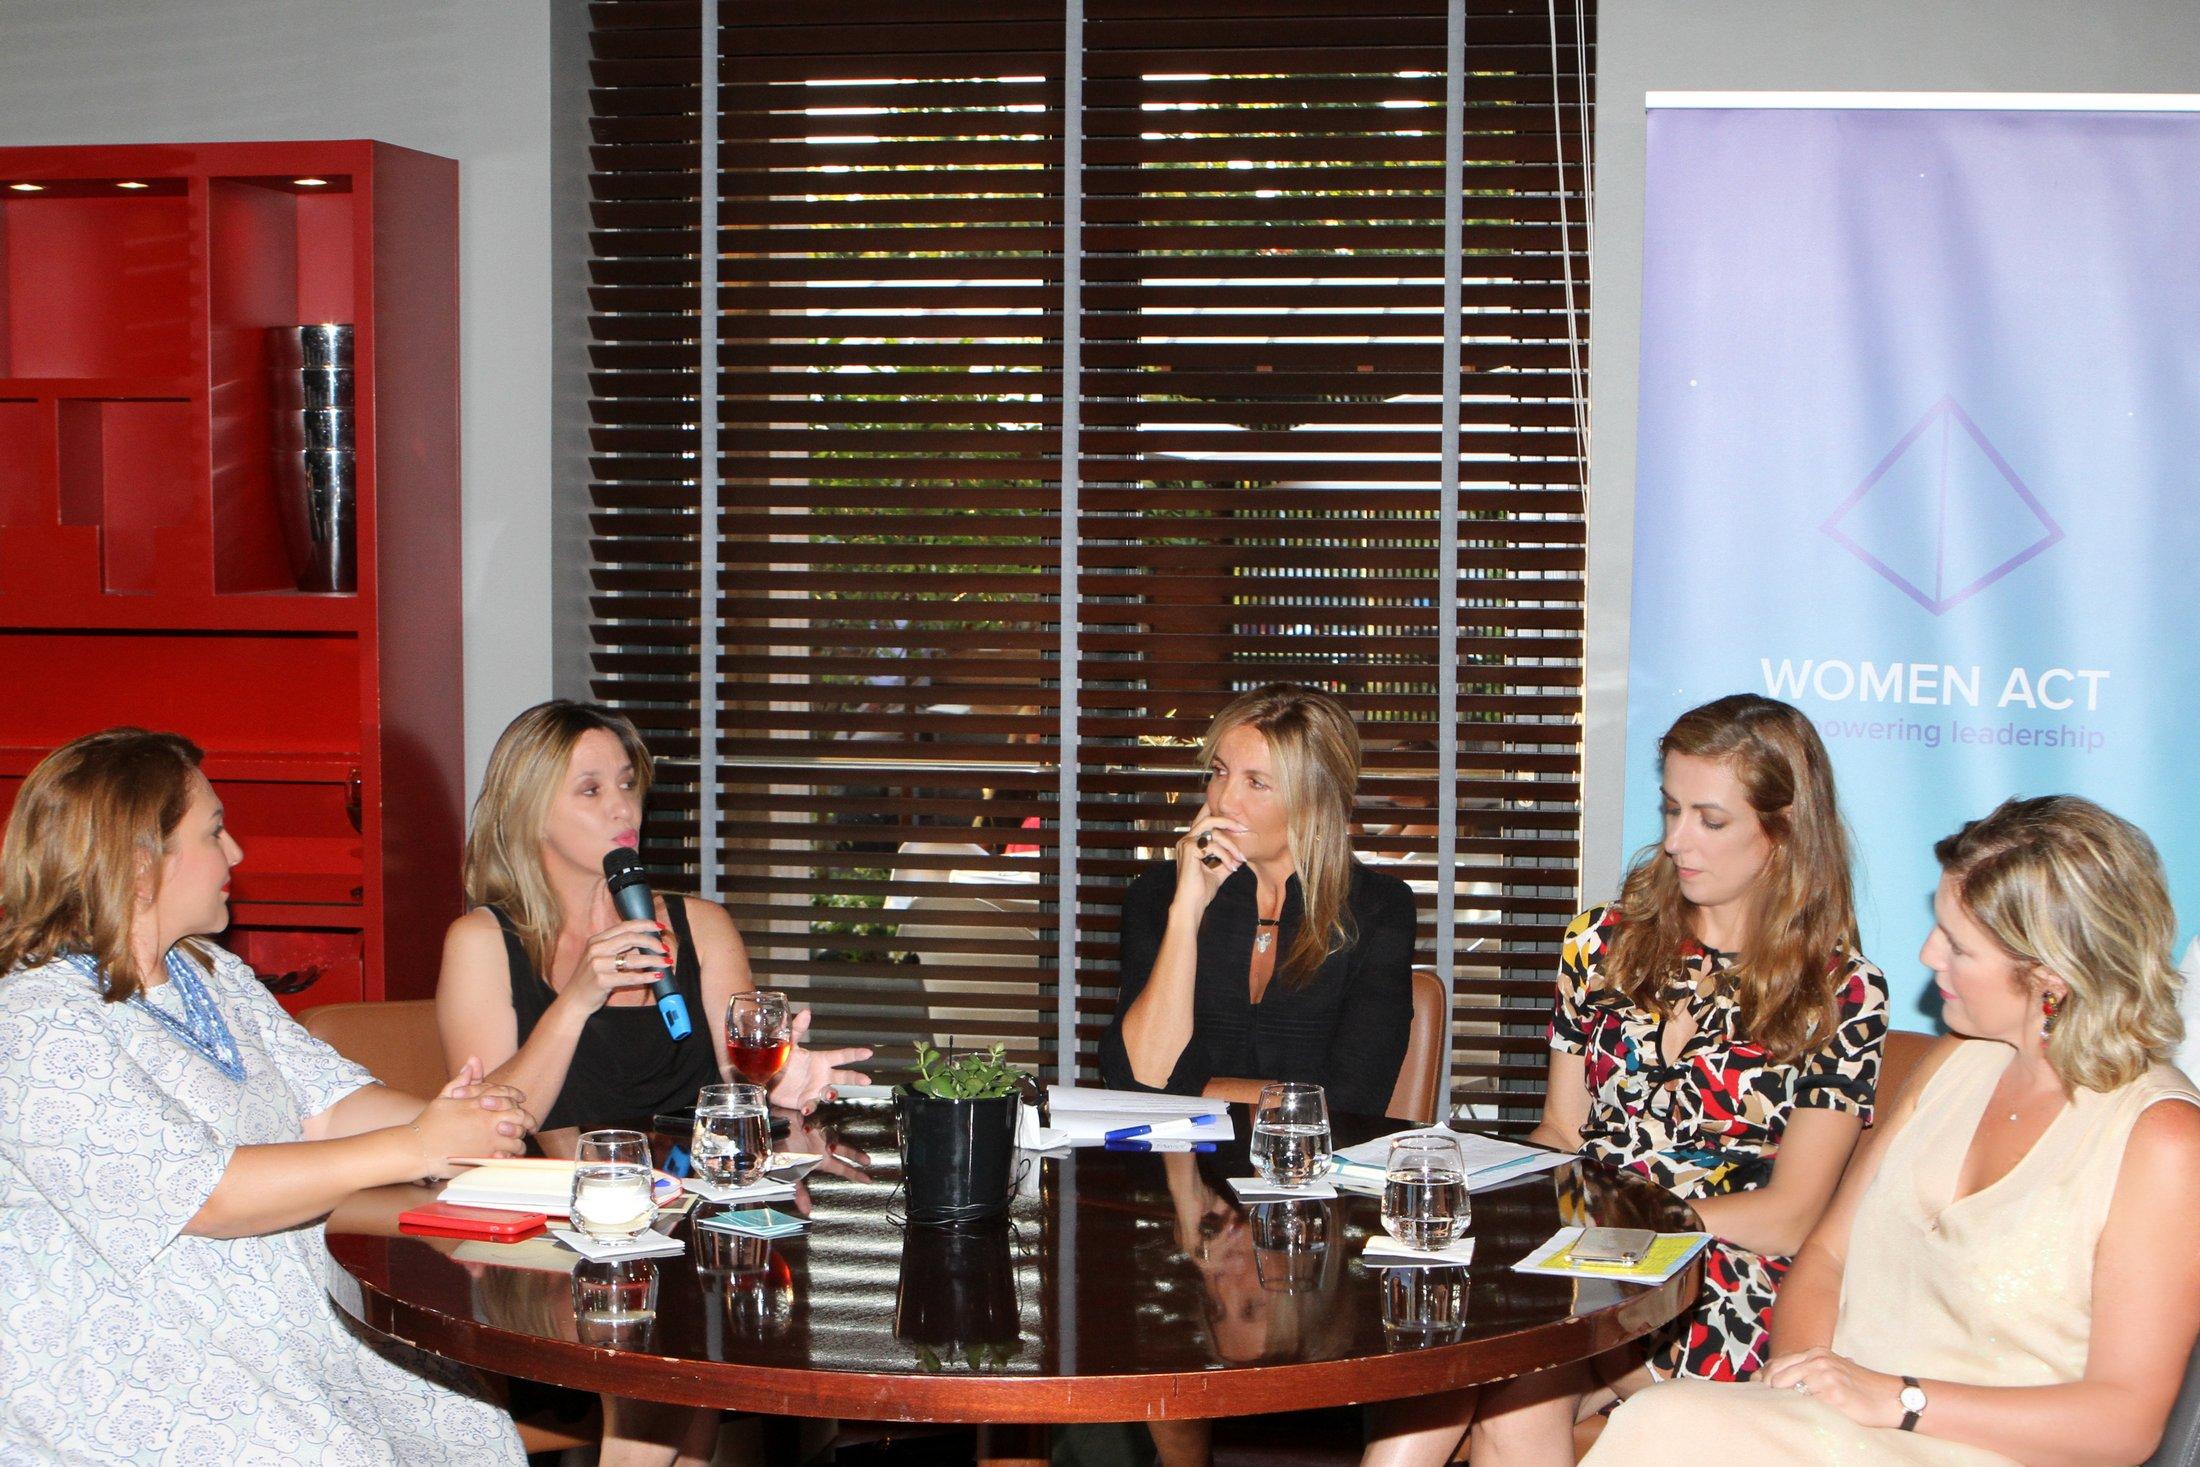 Έλενα Τσαγκαράκη (Υπεύθυνη Επικοινωνίας Women Act), Δρ. Αγγελική Κοσμοπούλου (Ambassador Women Act), Μαρέβα Γκραμπόφσκι, Μαίη Ζαννή (co-founder Women Act), Δρ. Αθηνά Γιαννοπούλου (συντονίστρια Women Act Θεσσαλονίκης)